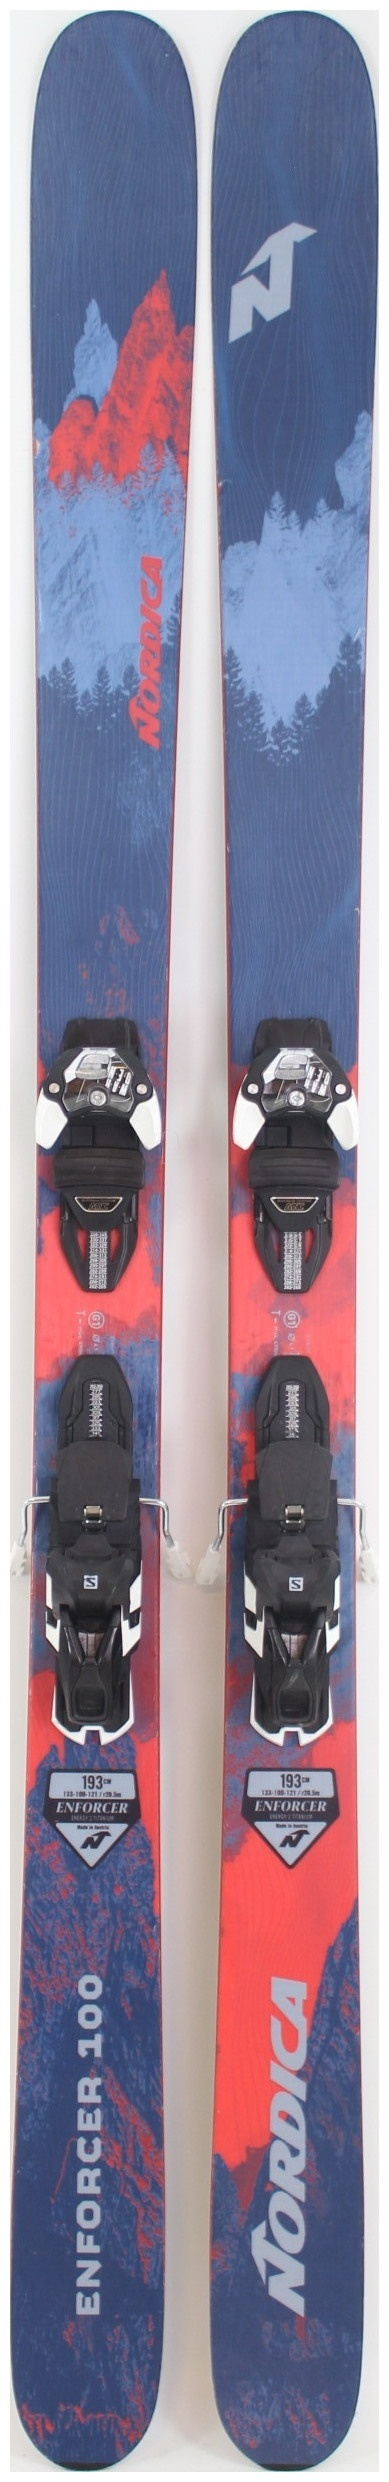 Nordica Enforcer 100 Men's Skis 193 cm 2019